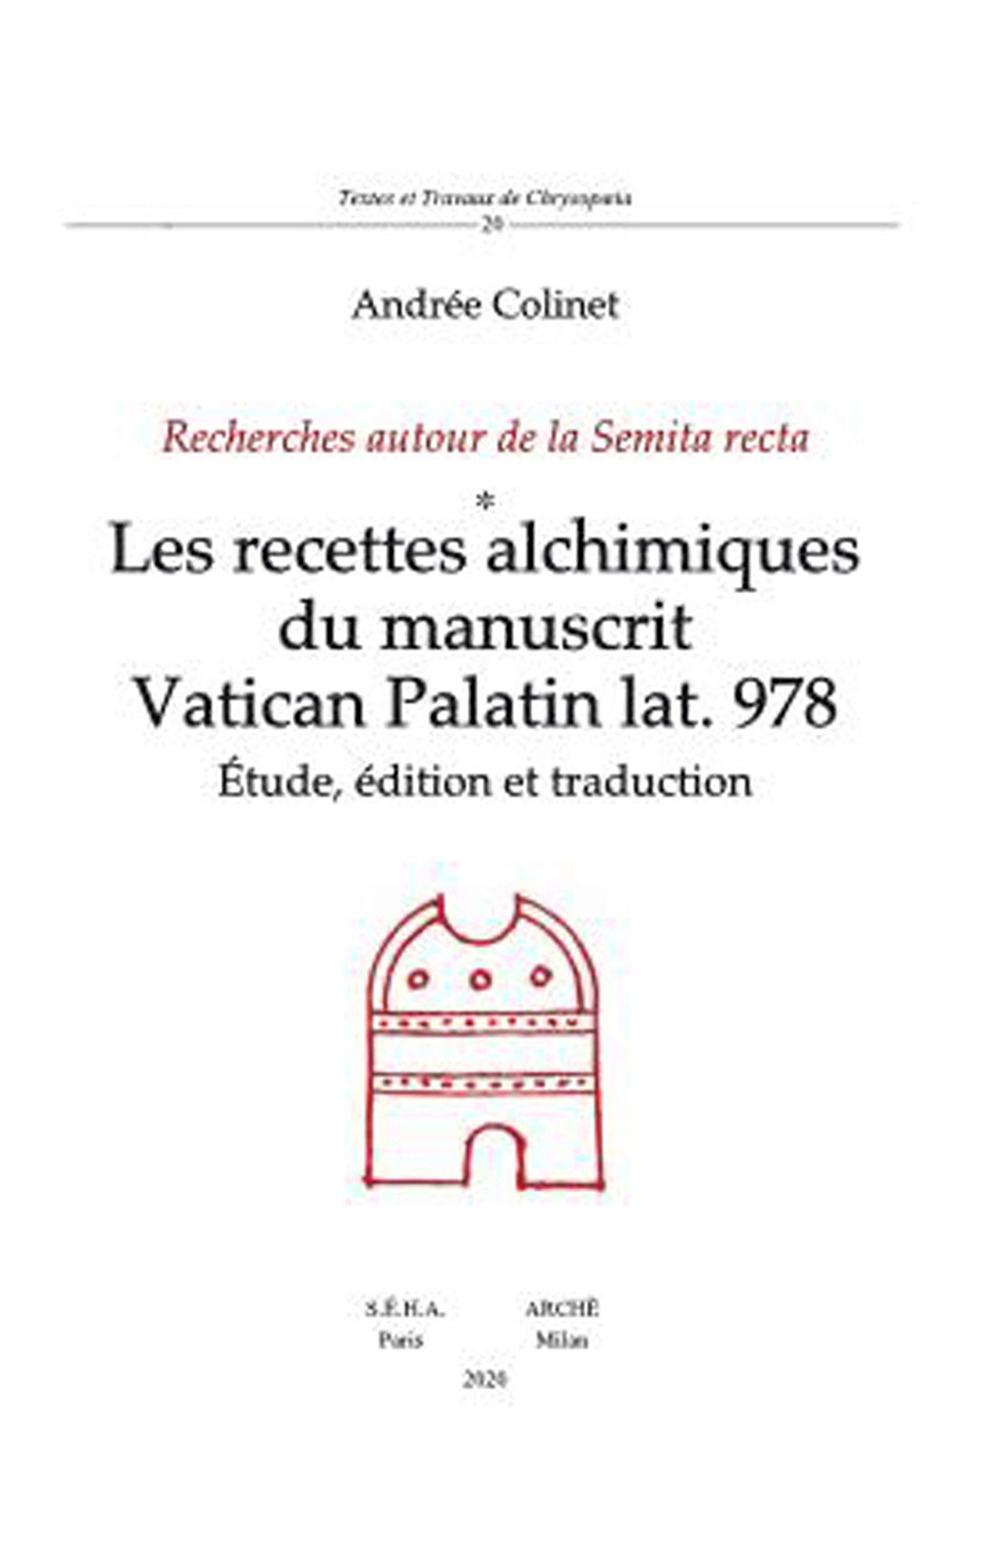 Recettes alchimiques du manuscrit Vatican Palatin lat. 978 (Les). Études, édition et traduction. Recherches autour de la Semita recta.